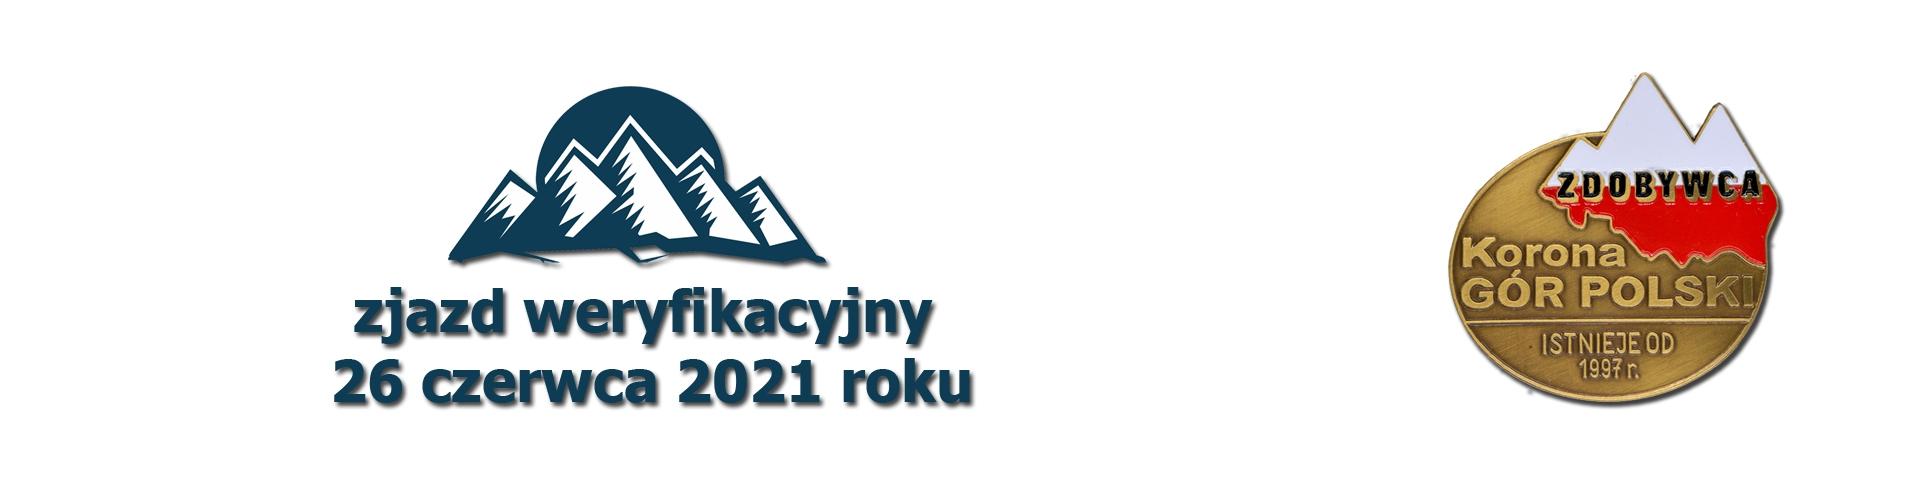 Klub Zdobywców Korony Gór Polski